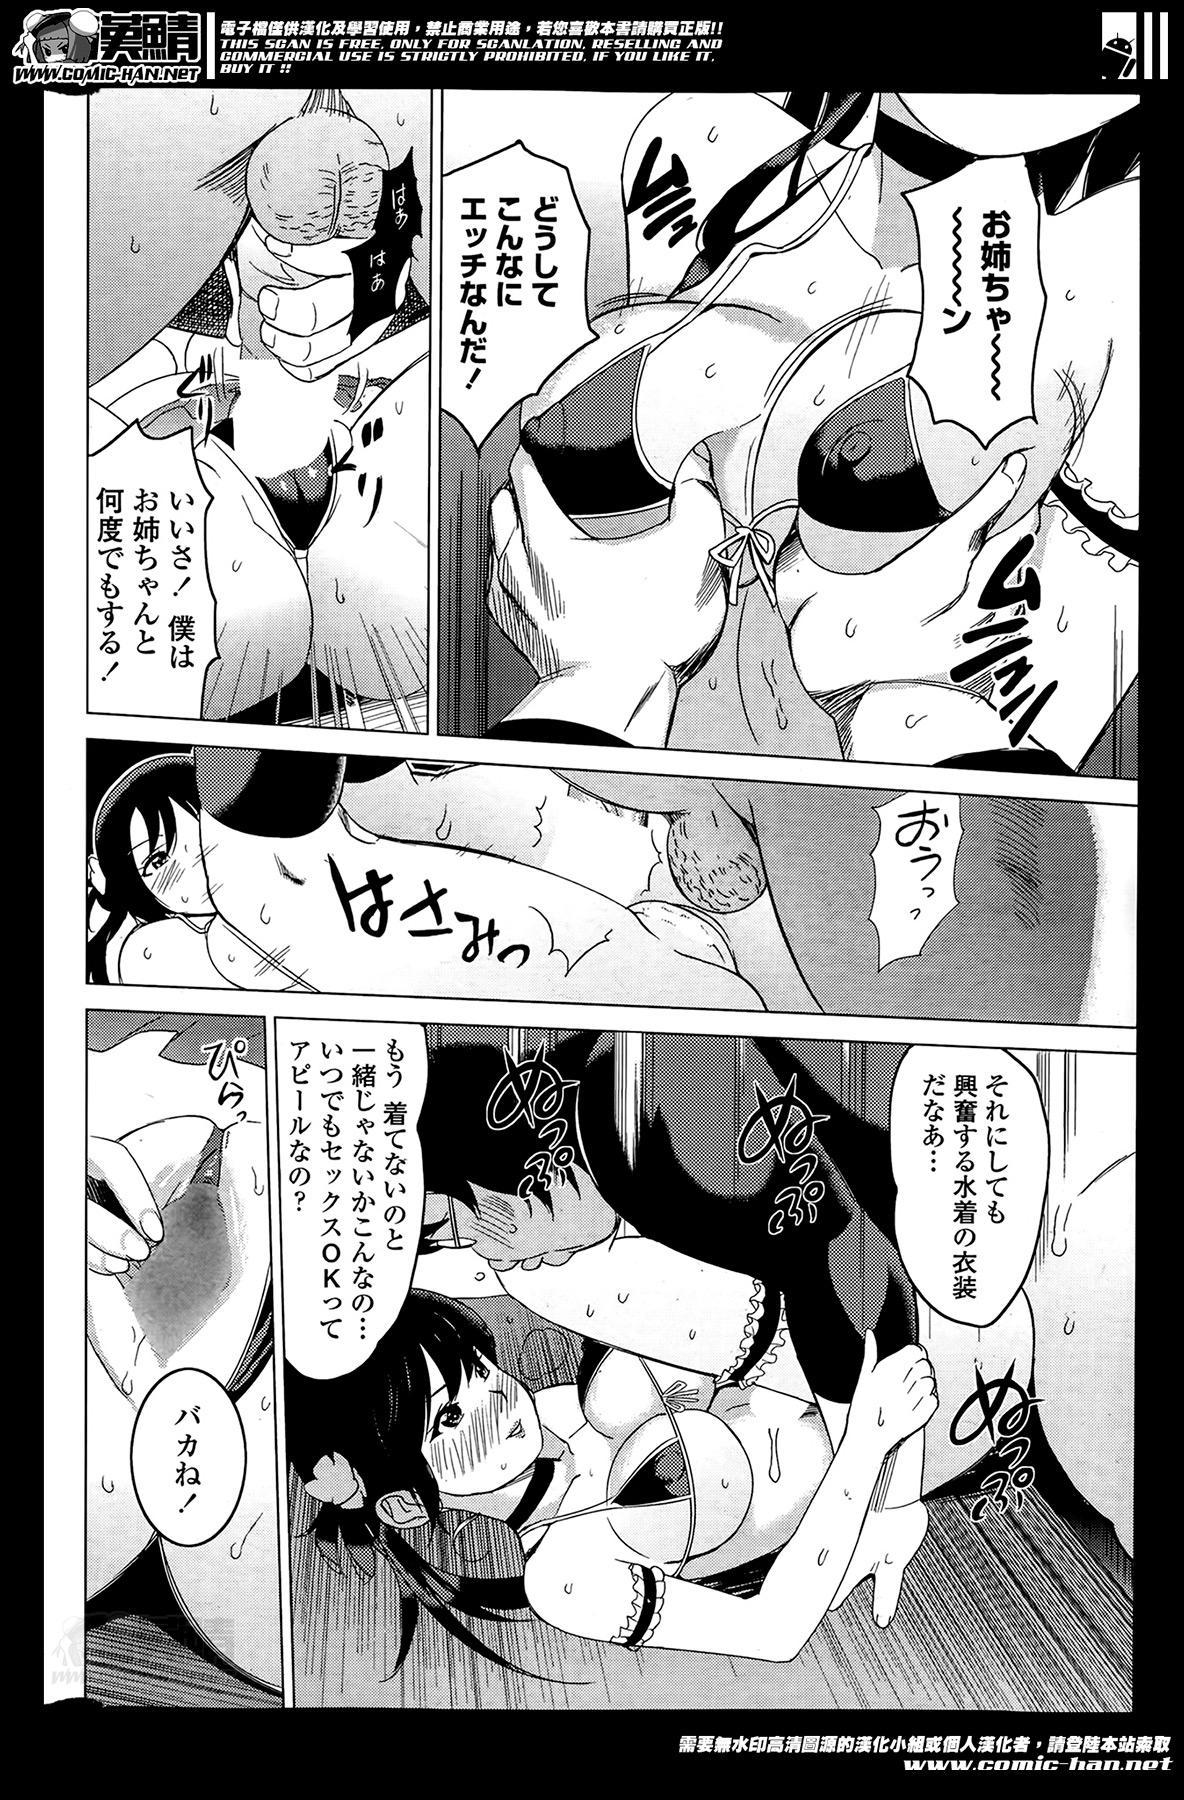 [Mitsuya] Nee-chan to H Shitai no? | Zoku Nee-chan to H Shitai no? Ch.1-4 23